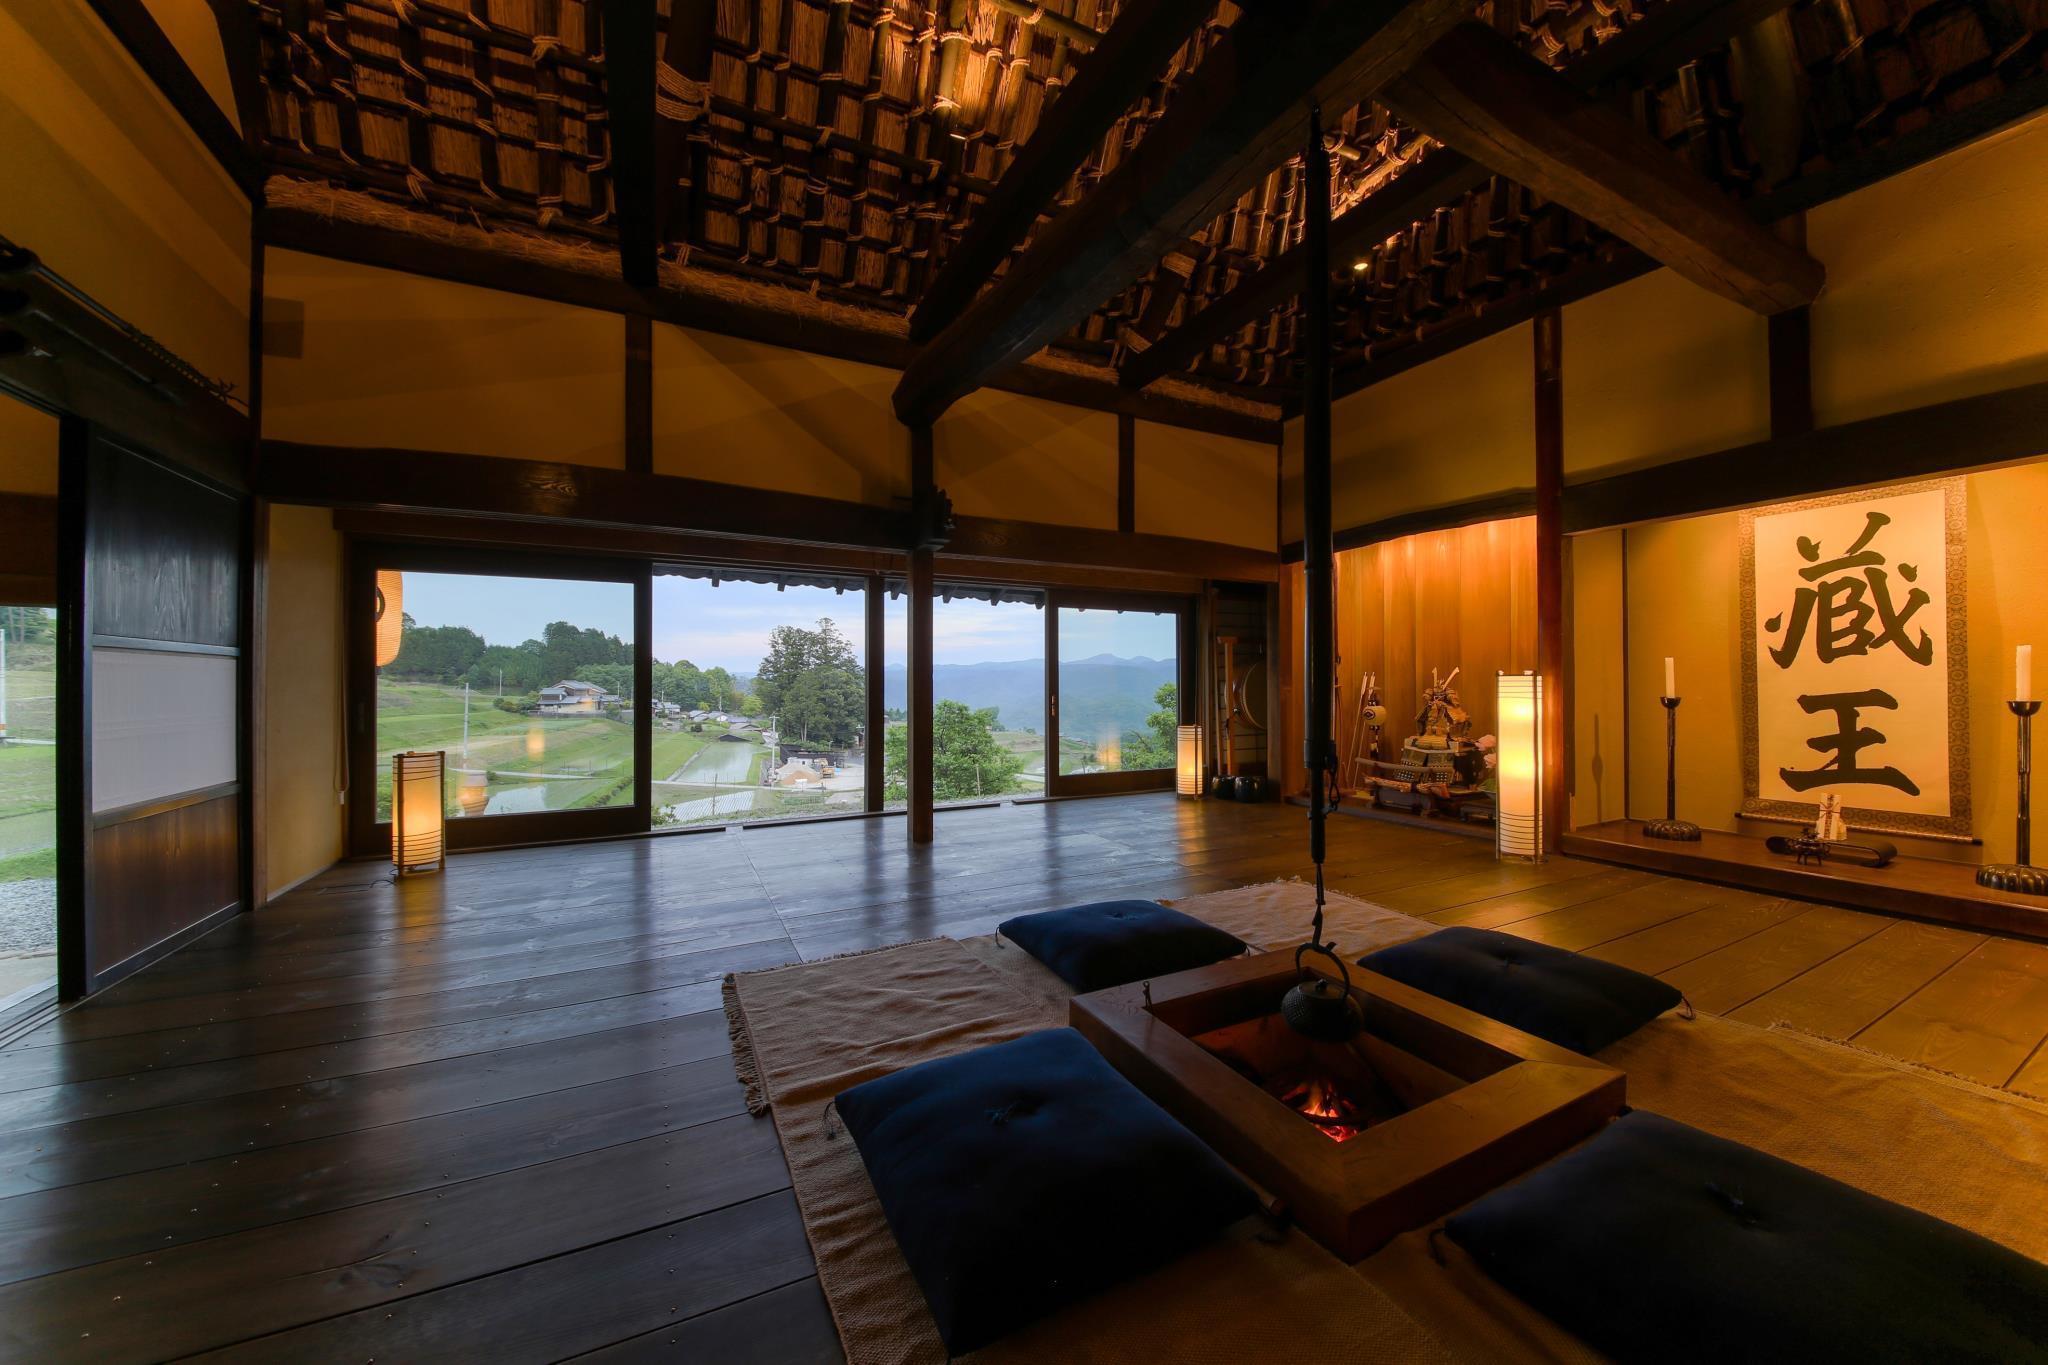 http://pix6.agoda.net/hotelImages/784/784001/784001_16100615350047496658.jpg